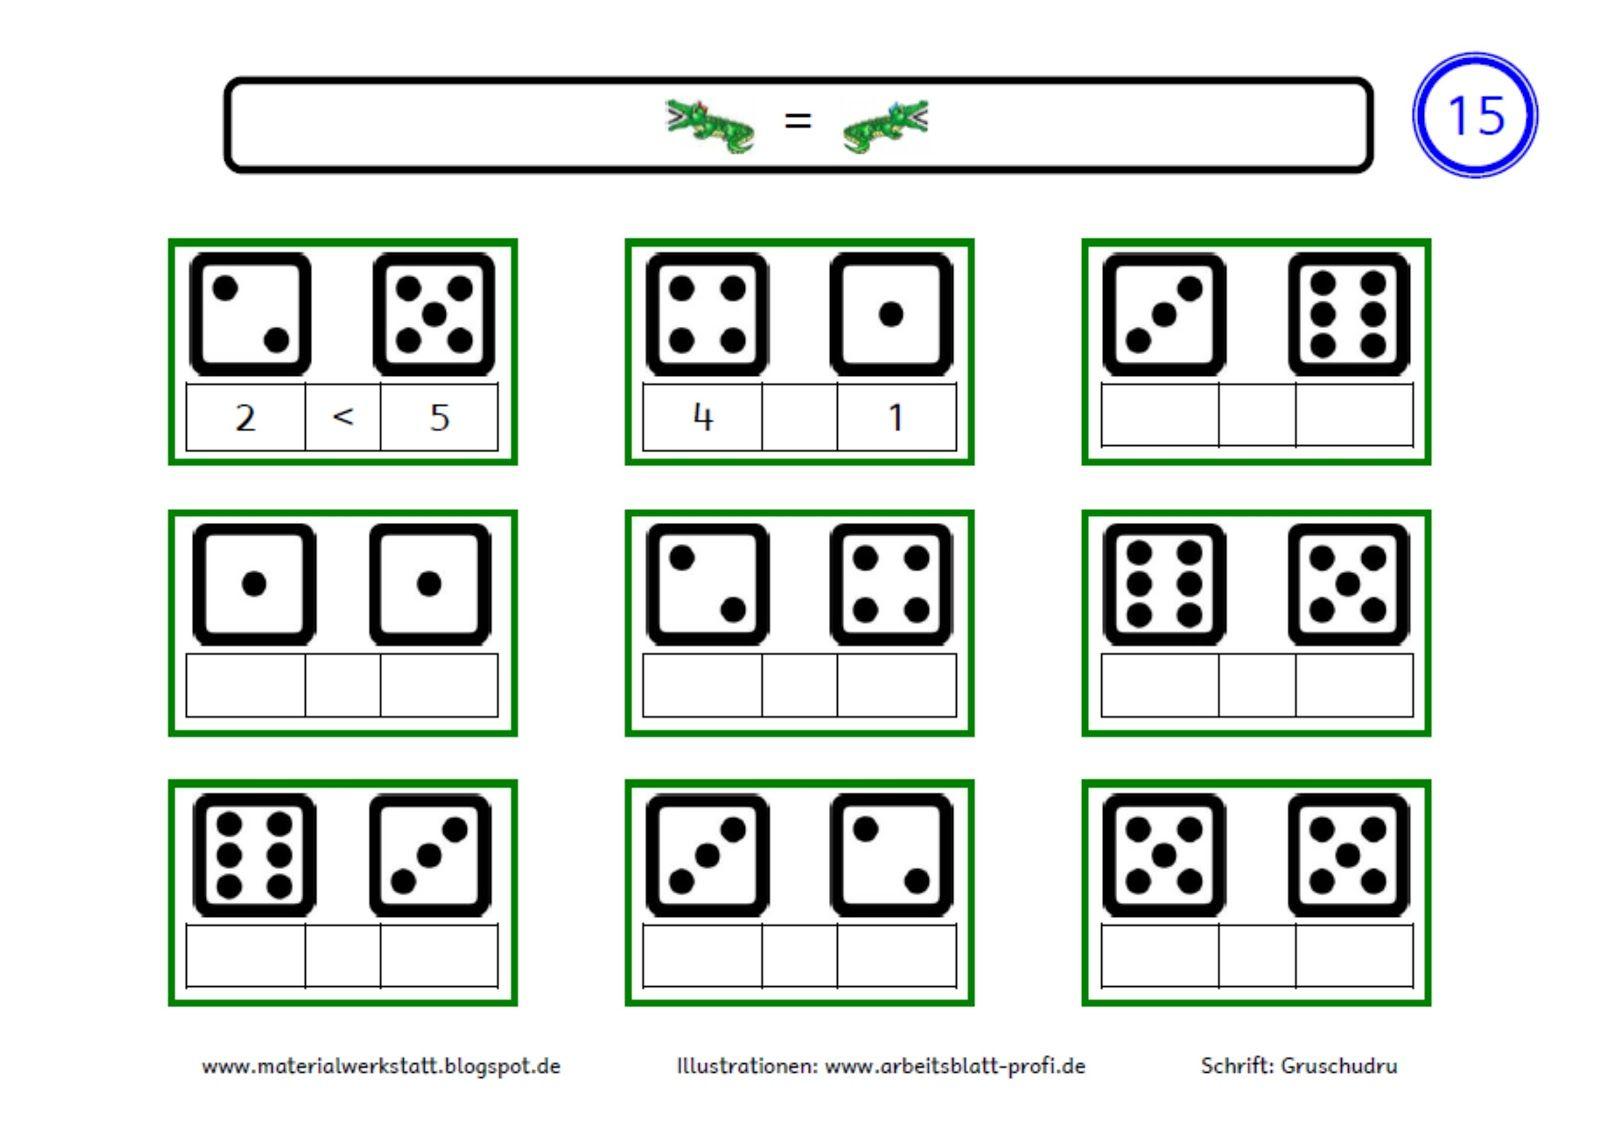 Berühmt Leere Aufgabenkartenvorlage Fotos - Beispielzusammenfassung ...